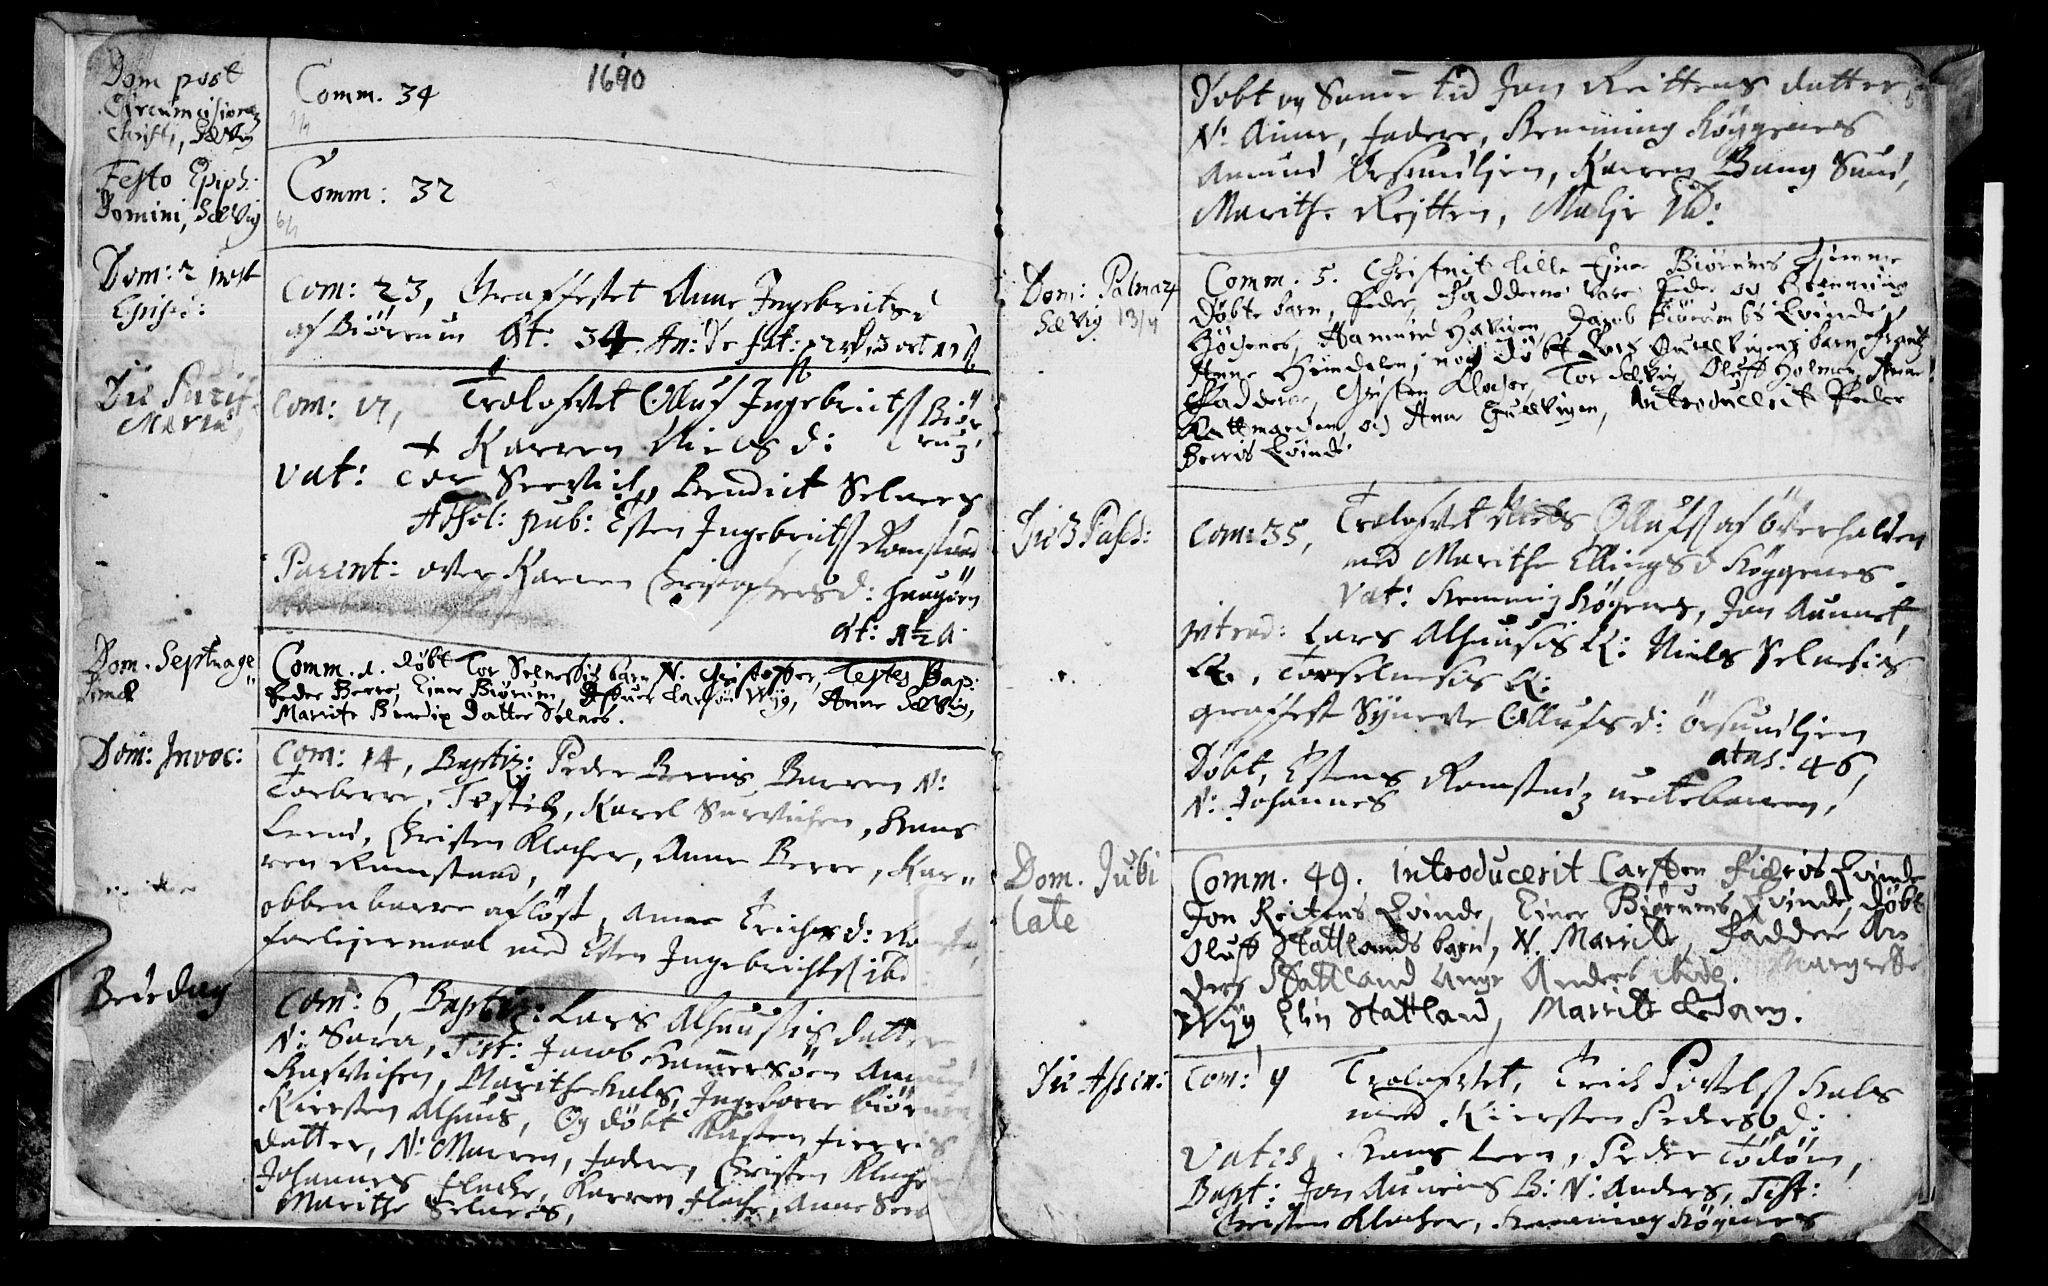 SAT, Ministerialprotokoller, klokkerbøker og fødselsregistre - Nord-Trøndelag, 770/L0587: Ministerialbok nr. 770A01, 1689-1697, s. 4-5